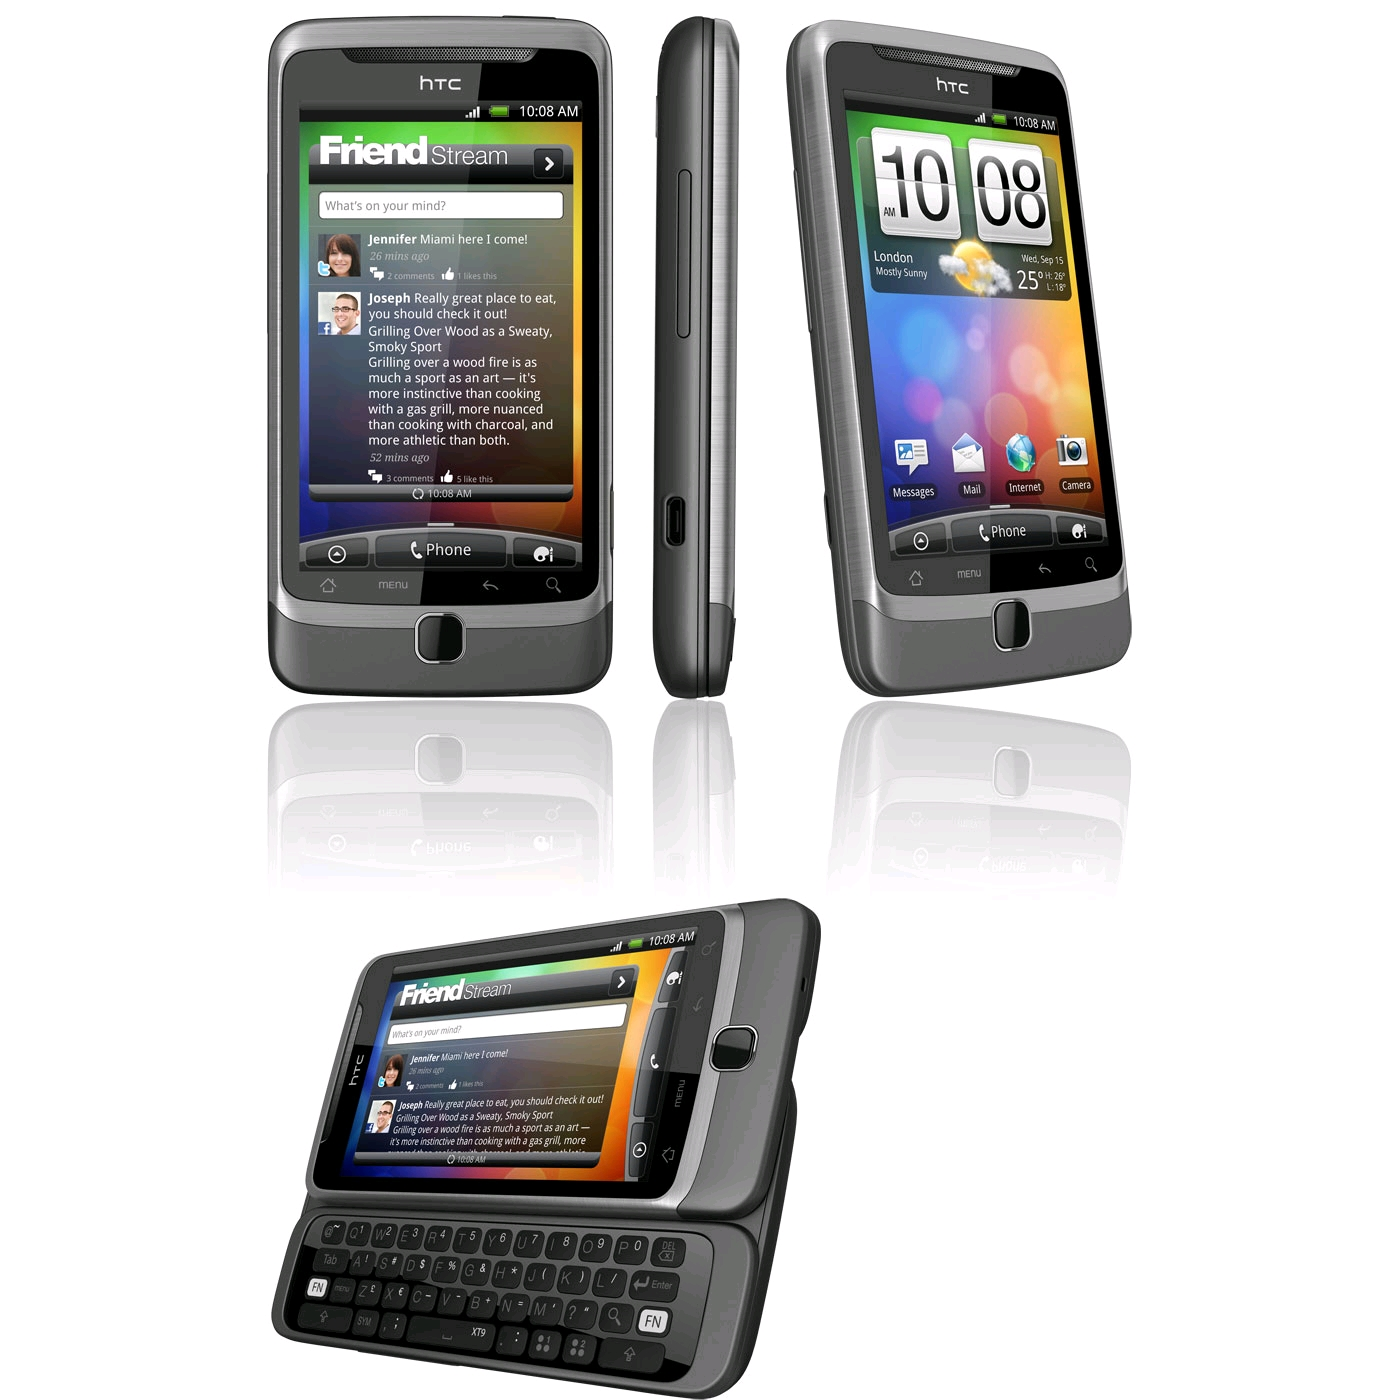 HTC Desire Z HTC Desire Z 1 u2013